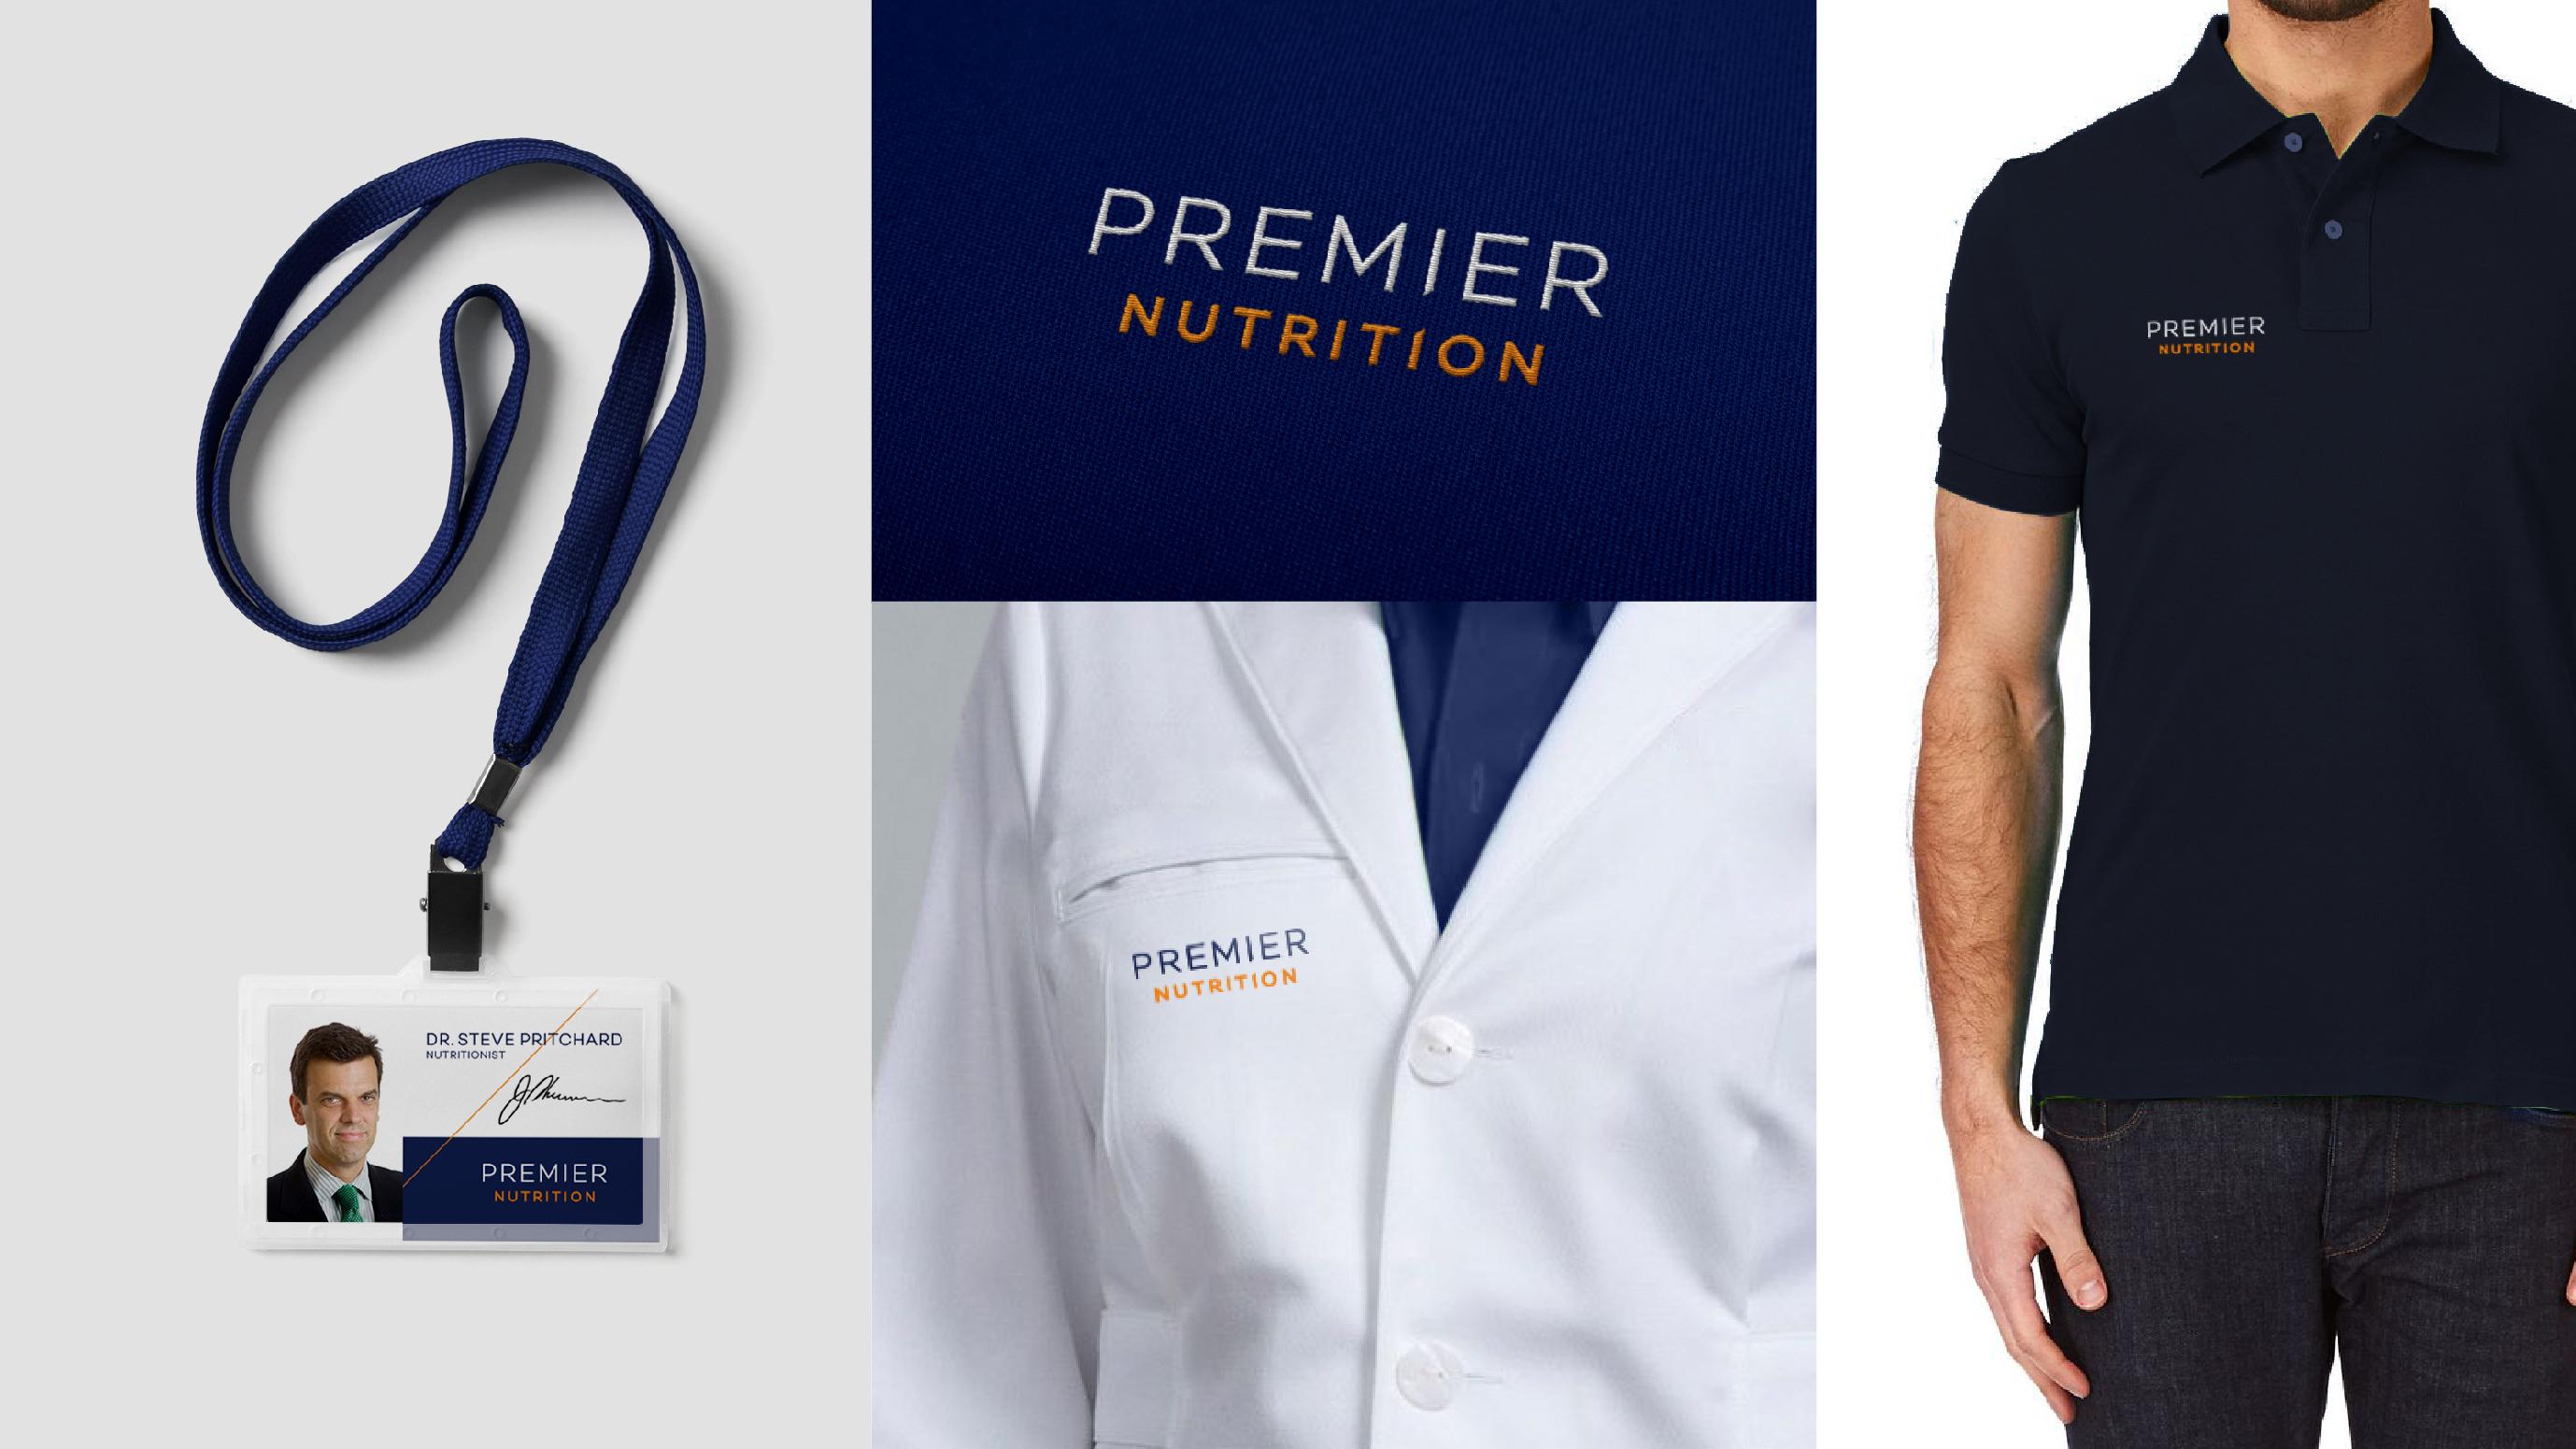 Premier Nutrition workwear